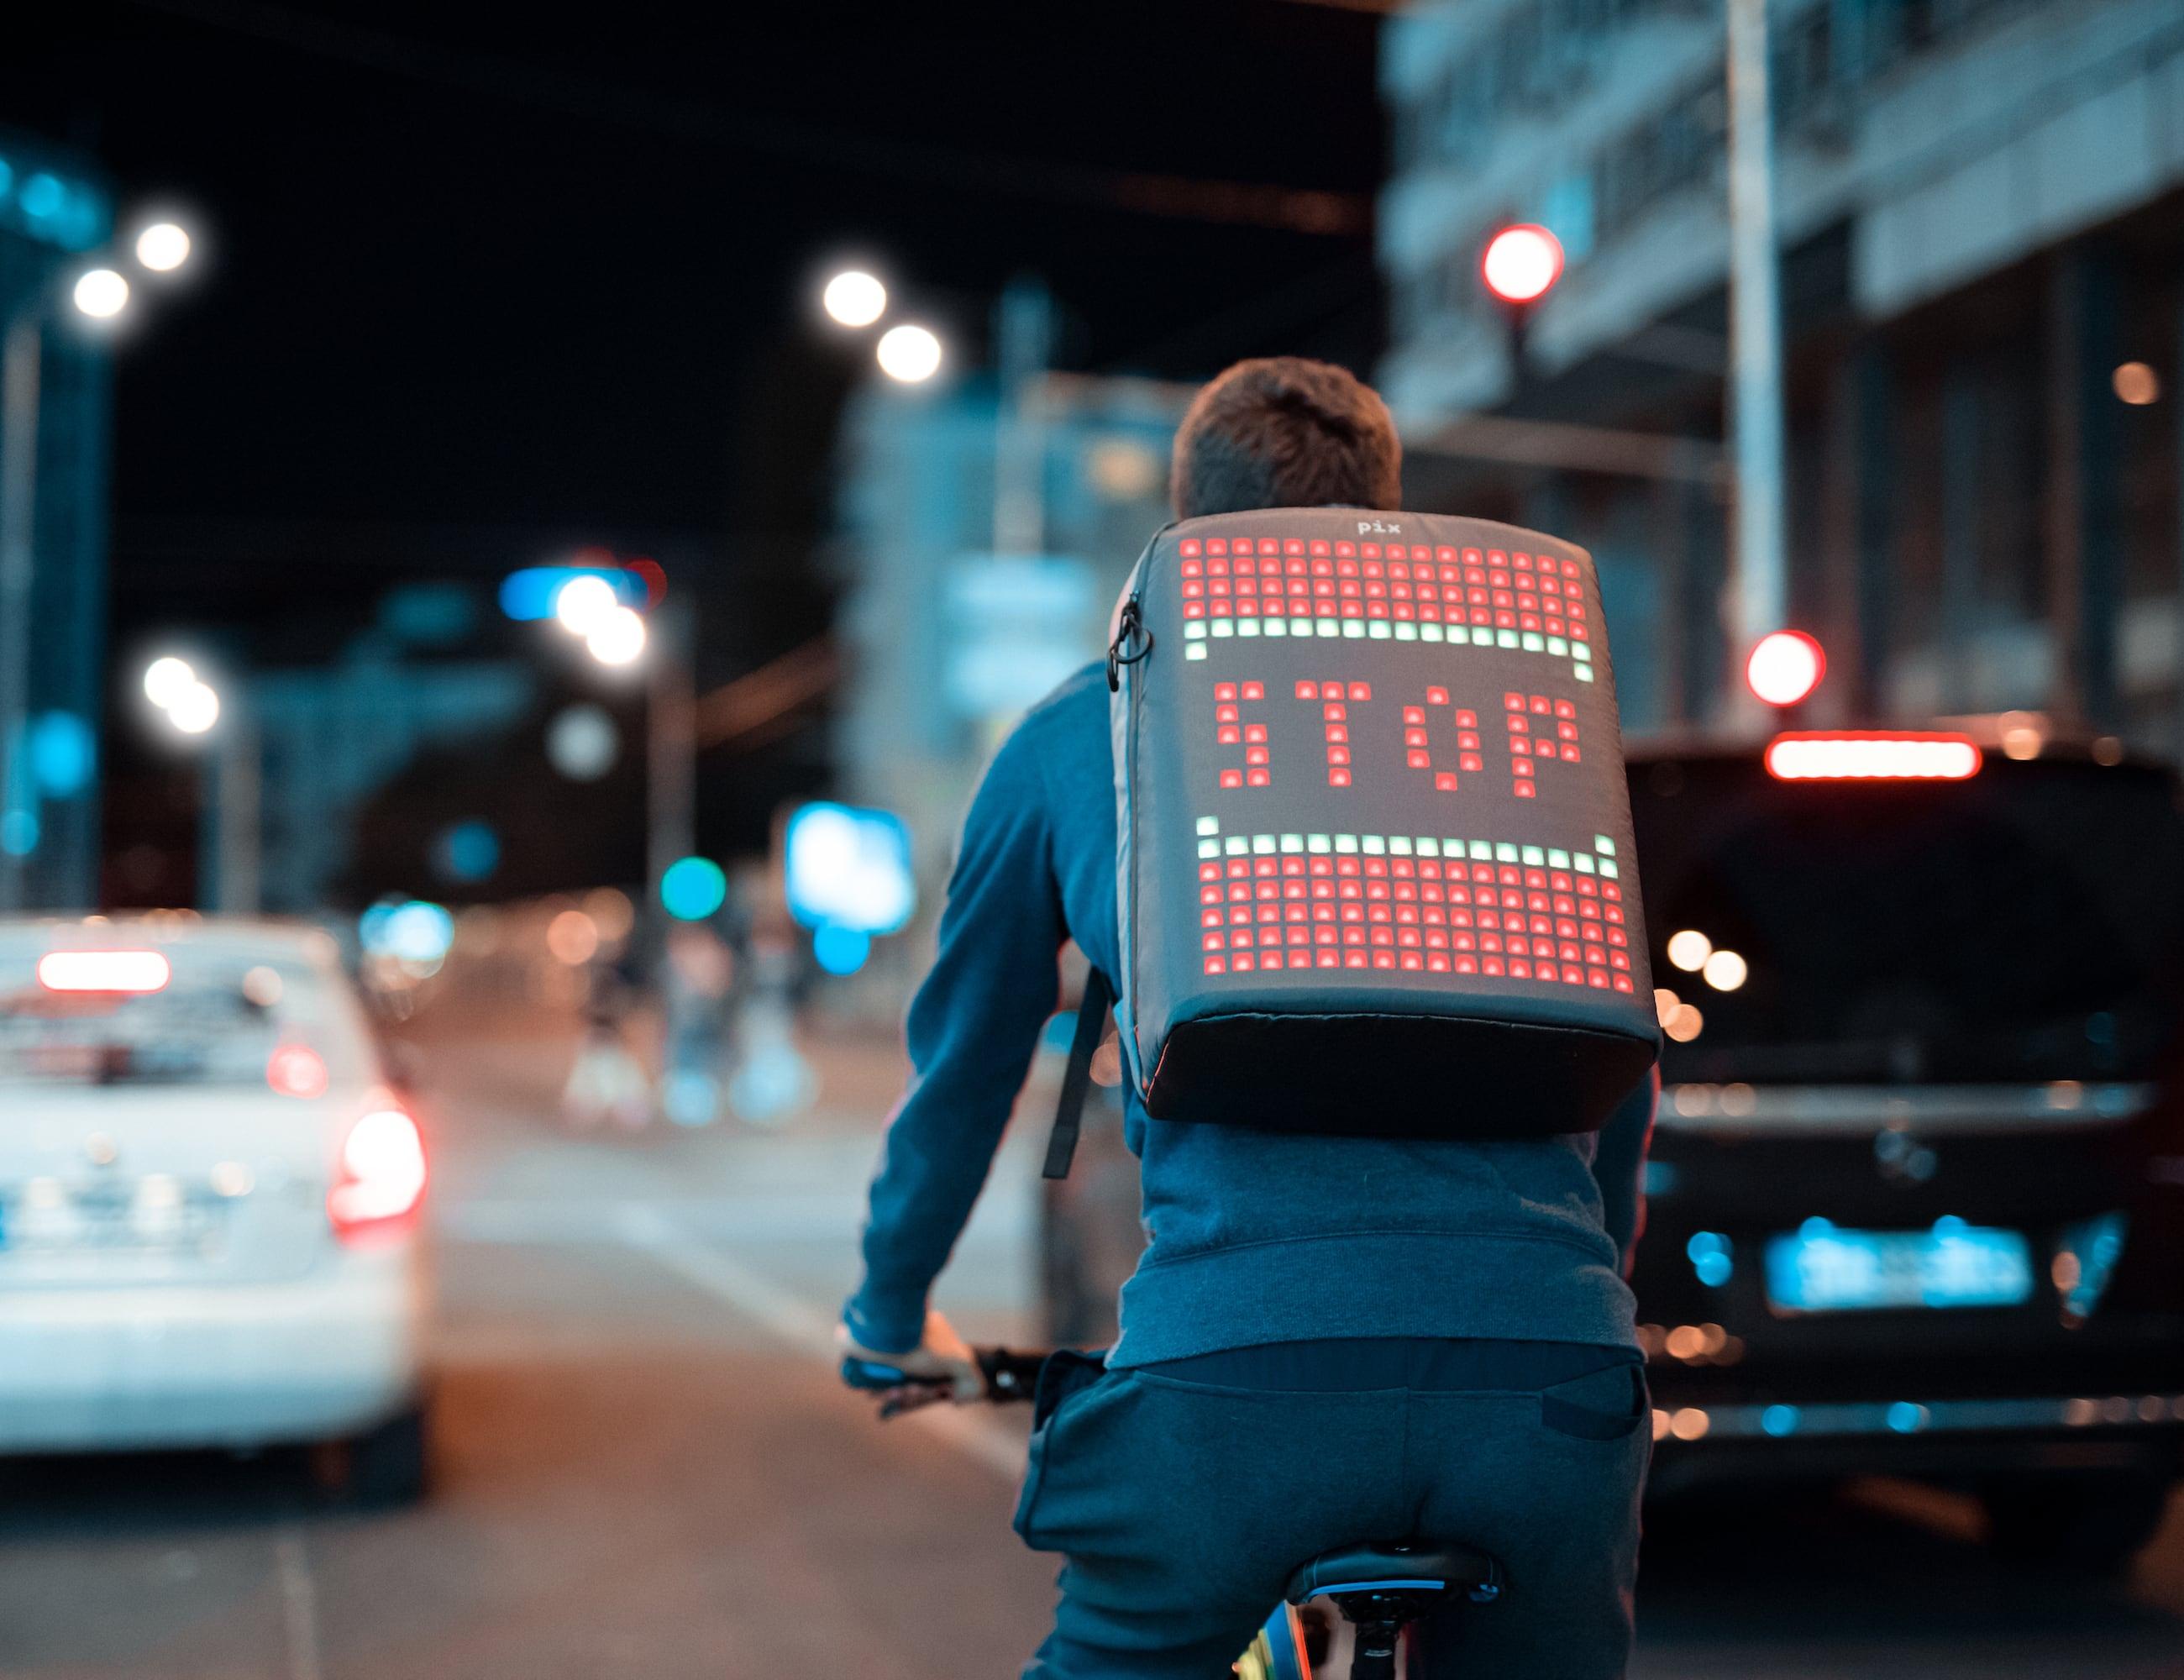 نتيجة بحث الصور عن Pix - The Smart Animative Backpack